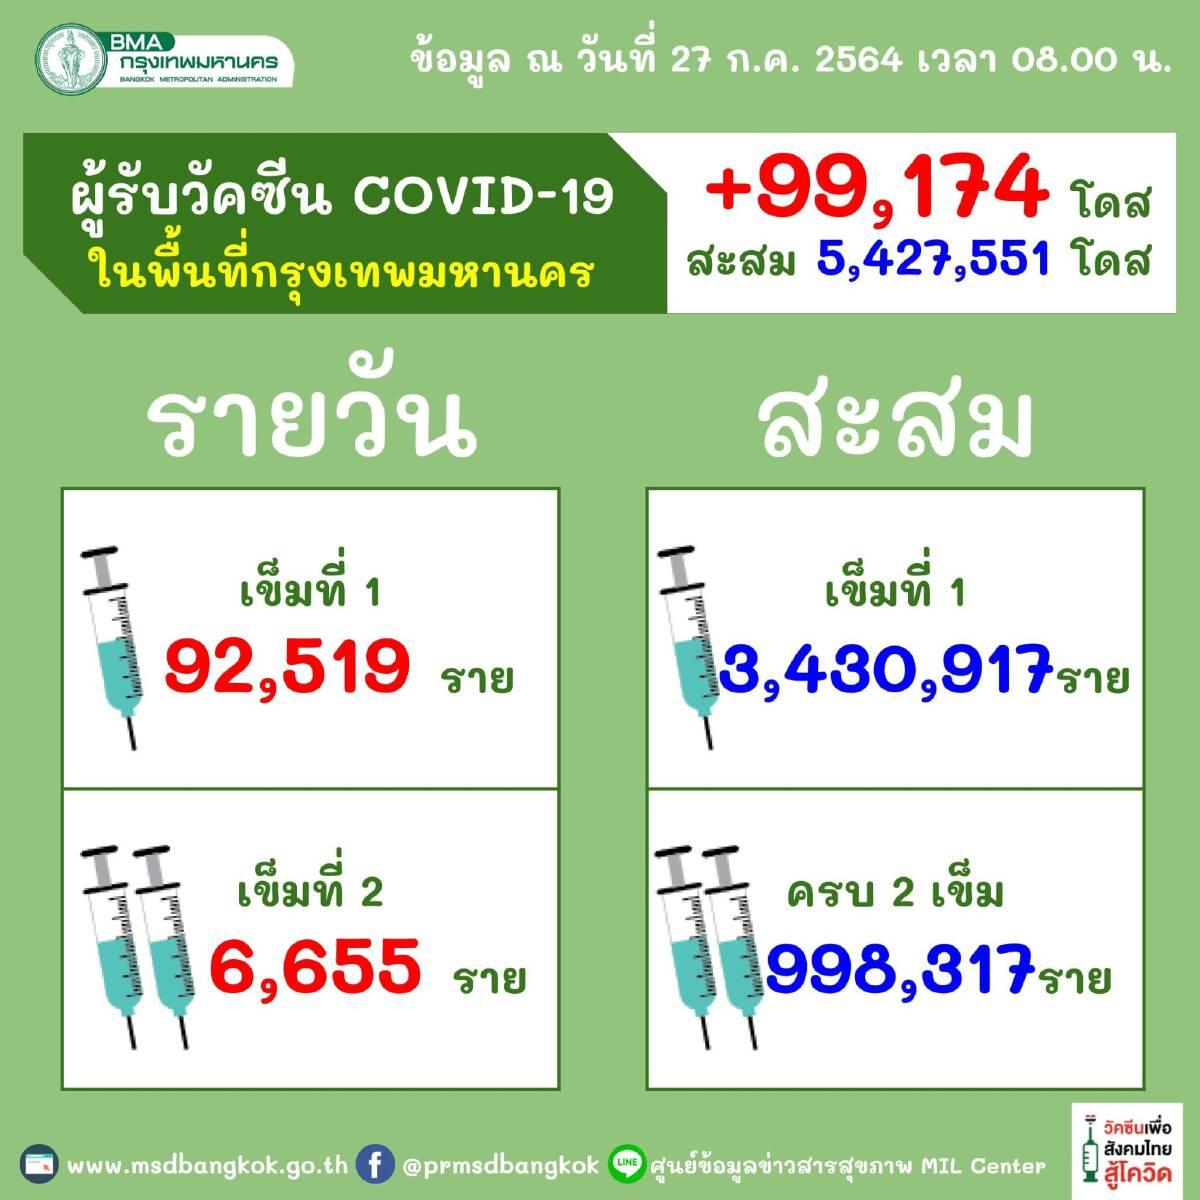 วัคซีนโควิด-19 ไทยร่วมใจ-ศูนย์ฉีดวัคซีนบางซื่อ อัพเดทที่นี่